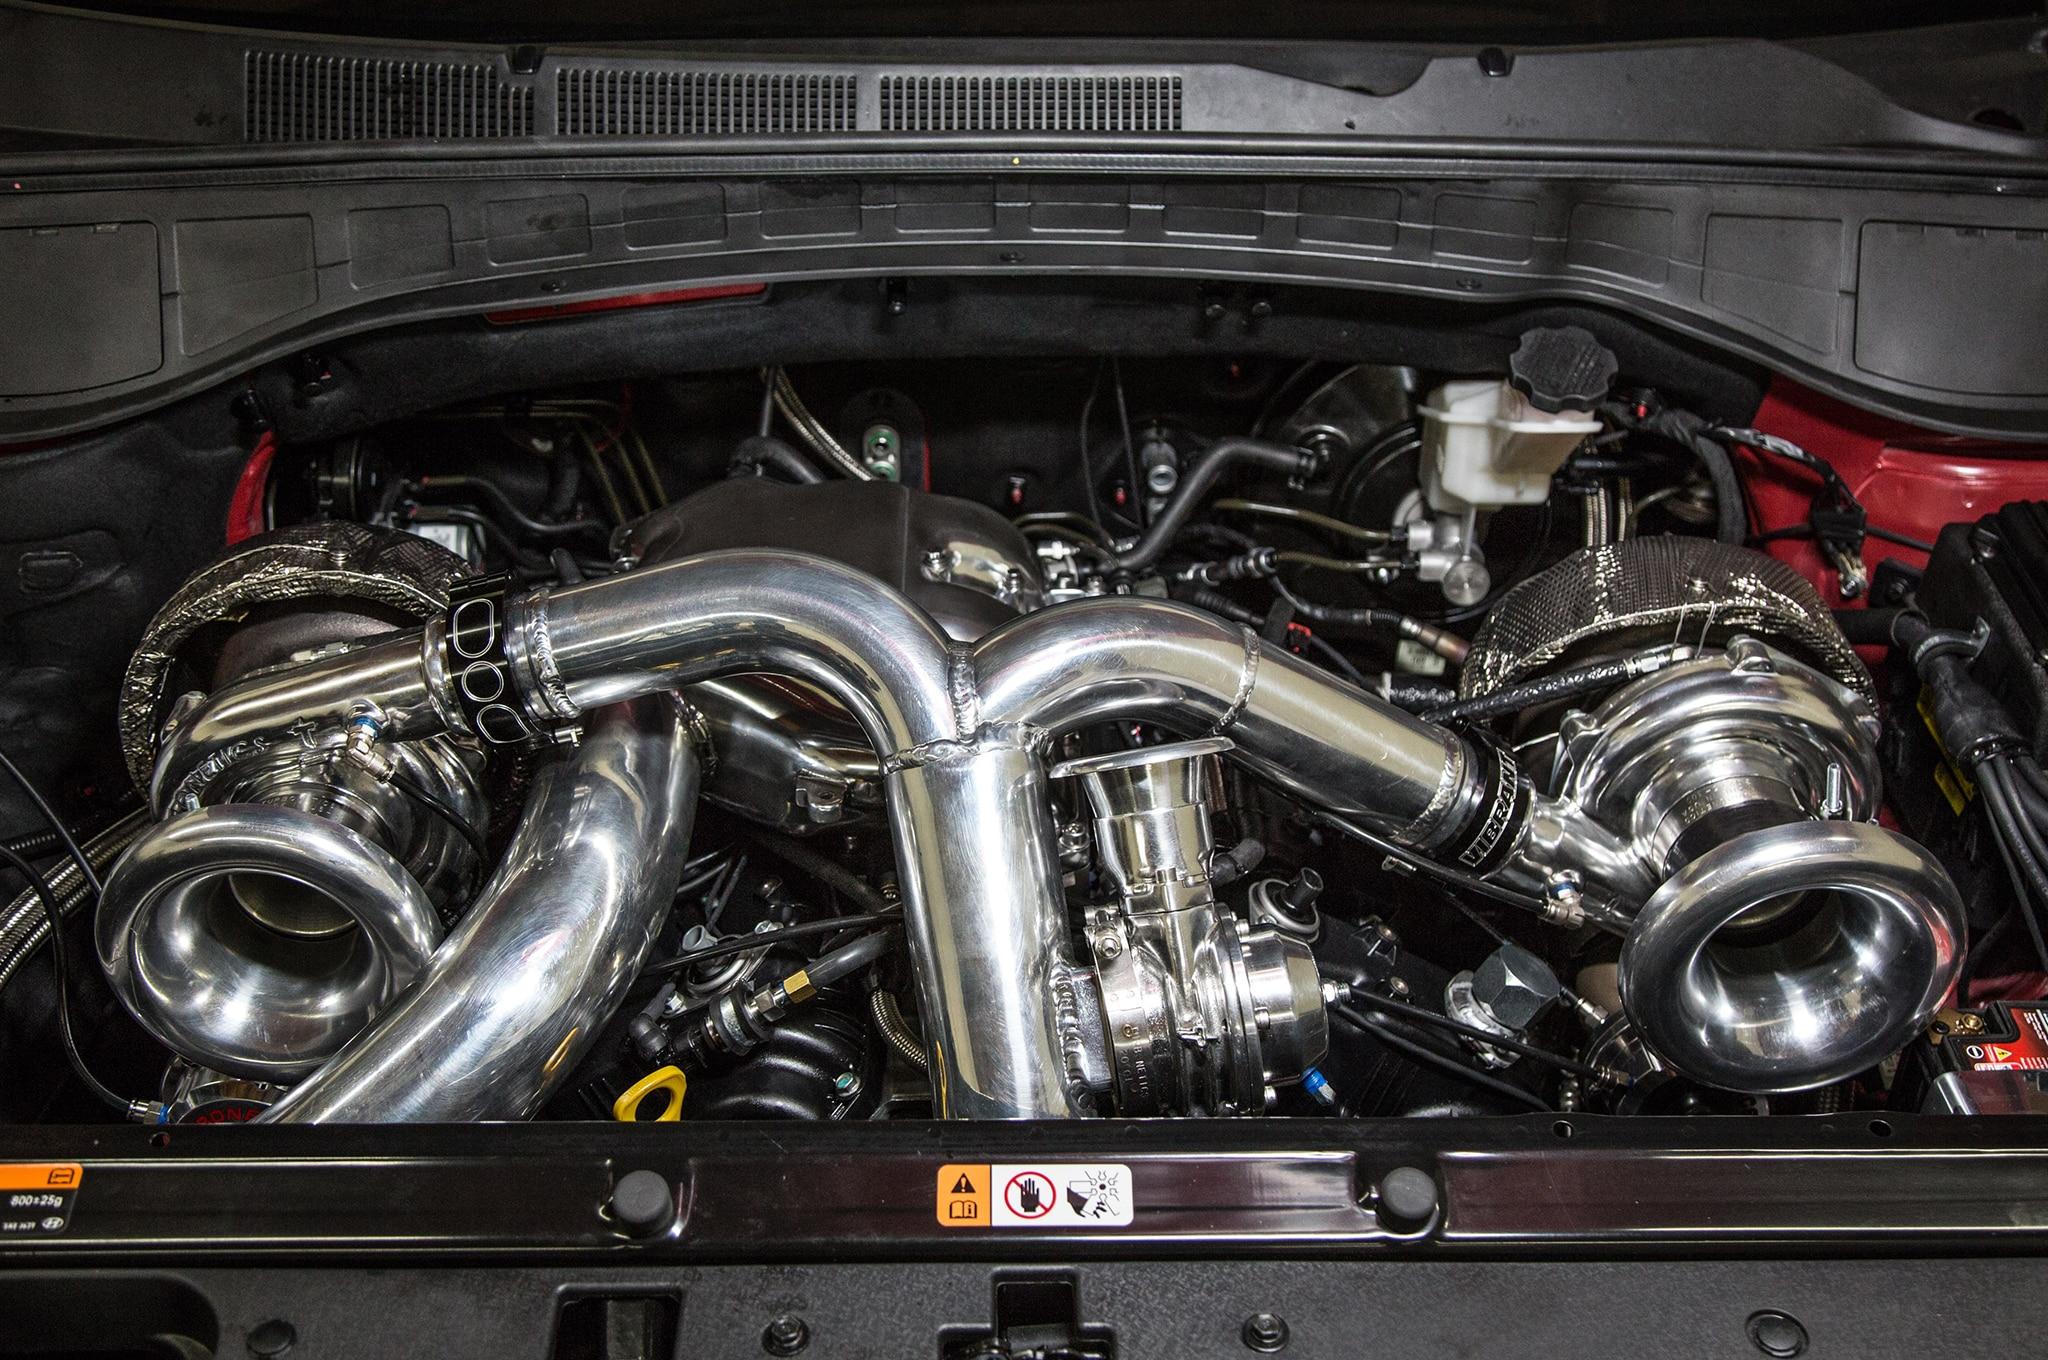 Hyundai Santa Fast concept engine bay